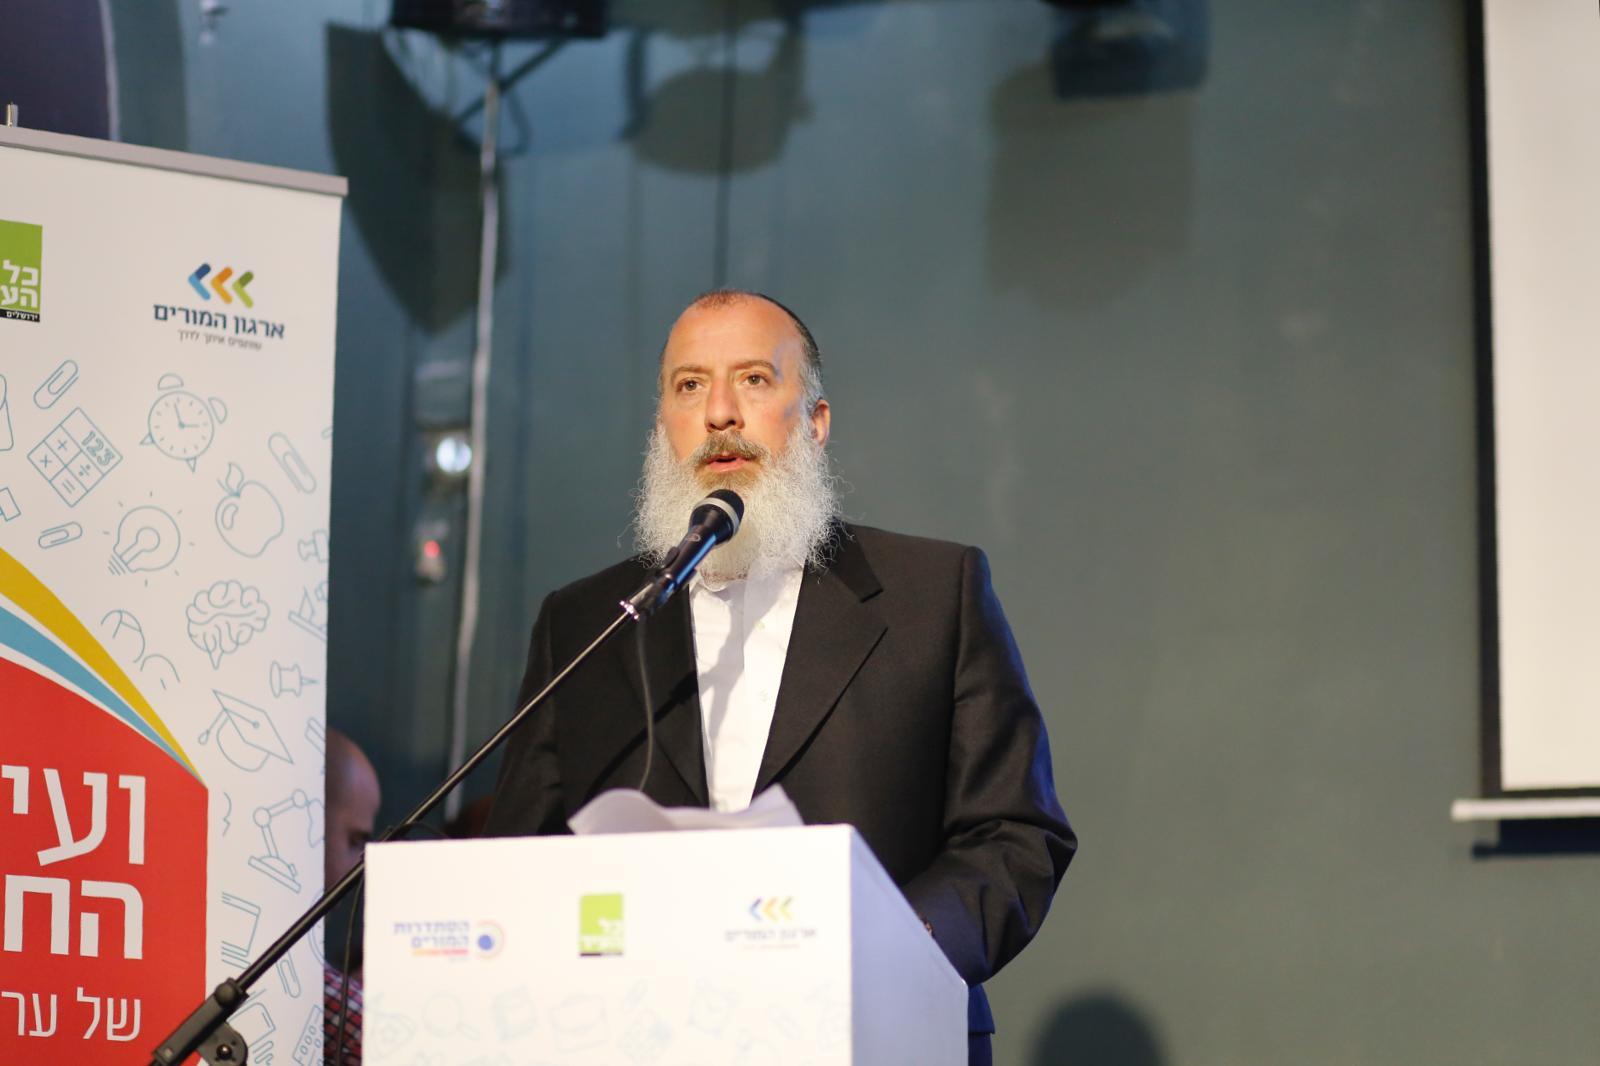 סגן ראש העיר יוסי דייטש (צילום: מעיין סבאג)